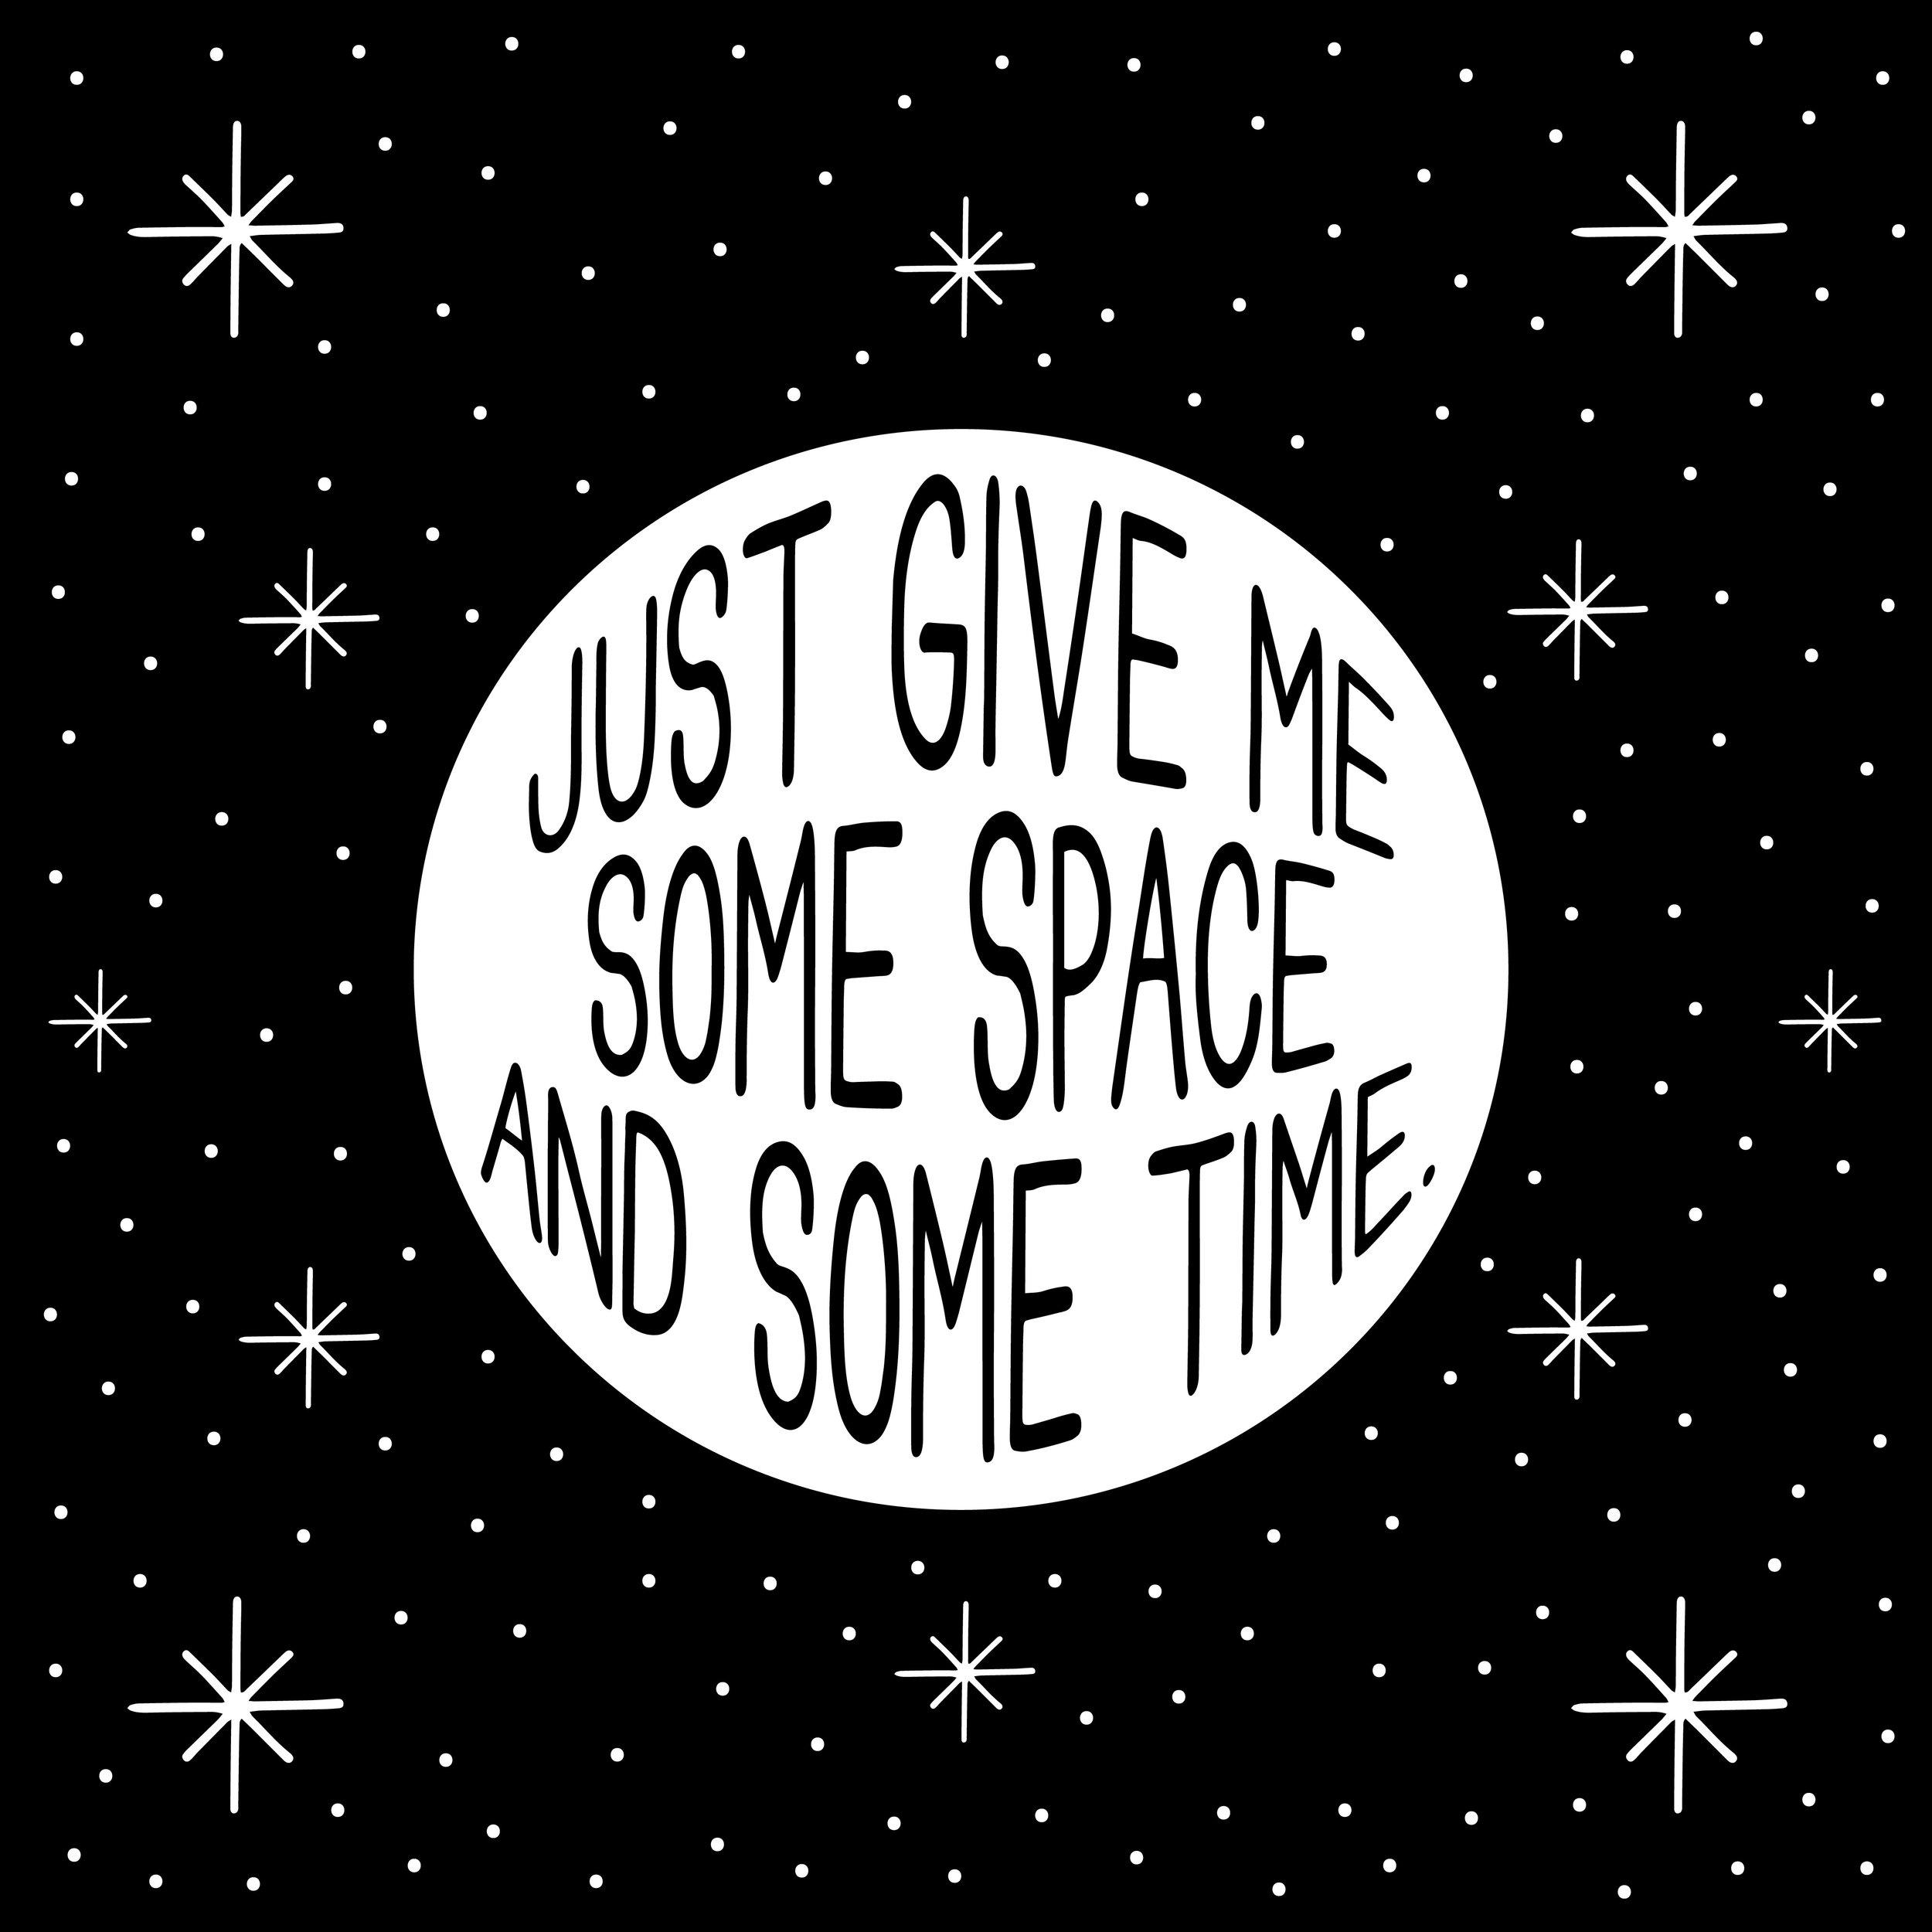 SPACEANDTIME-01.jpg